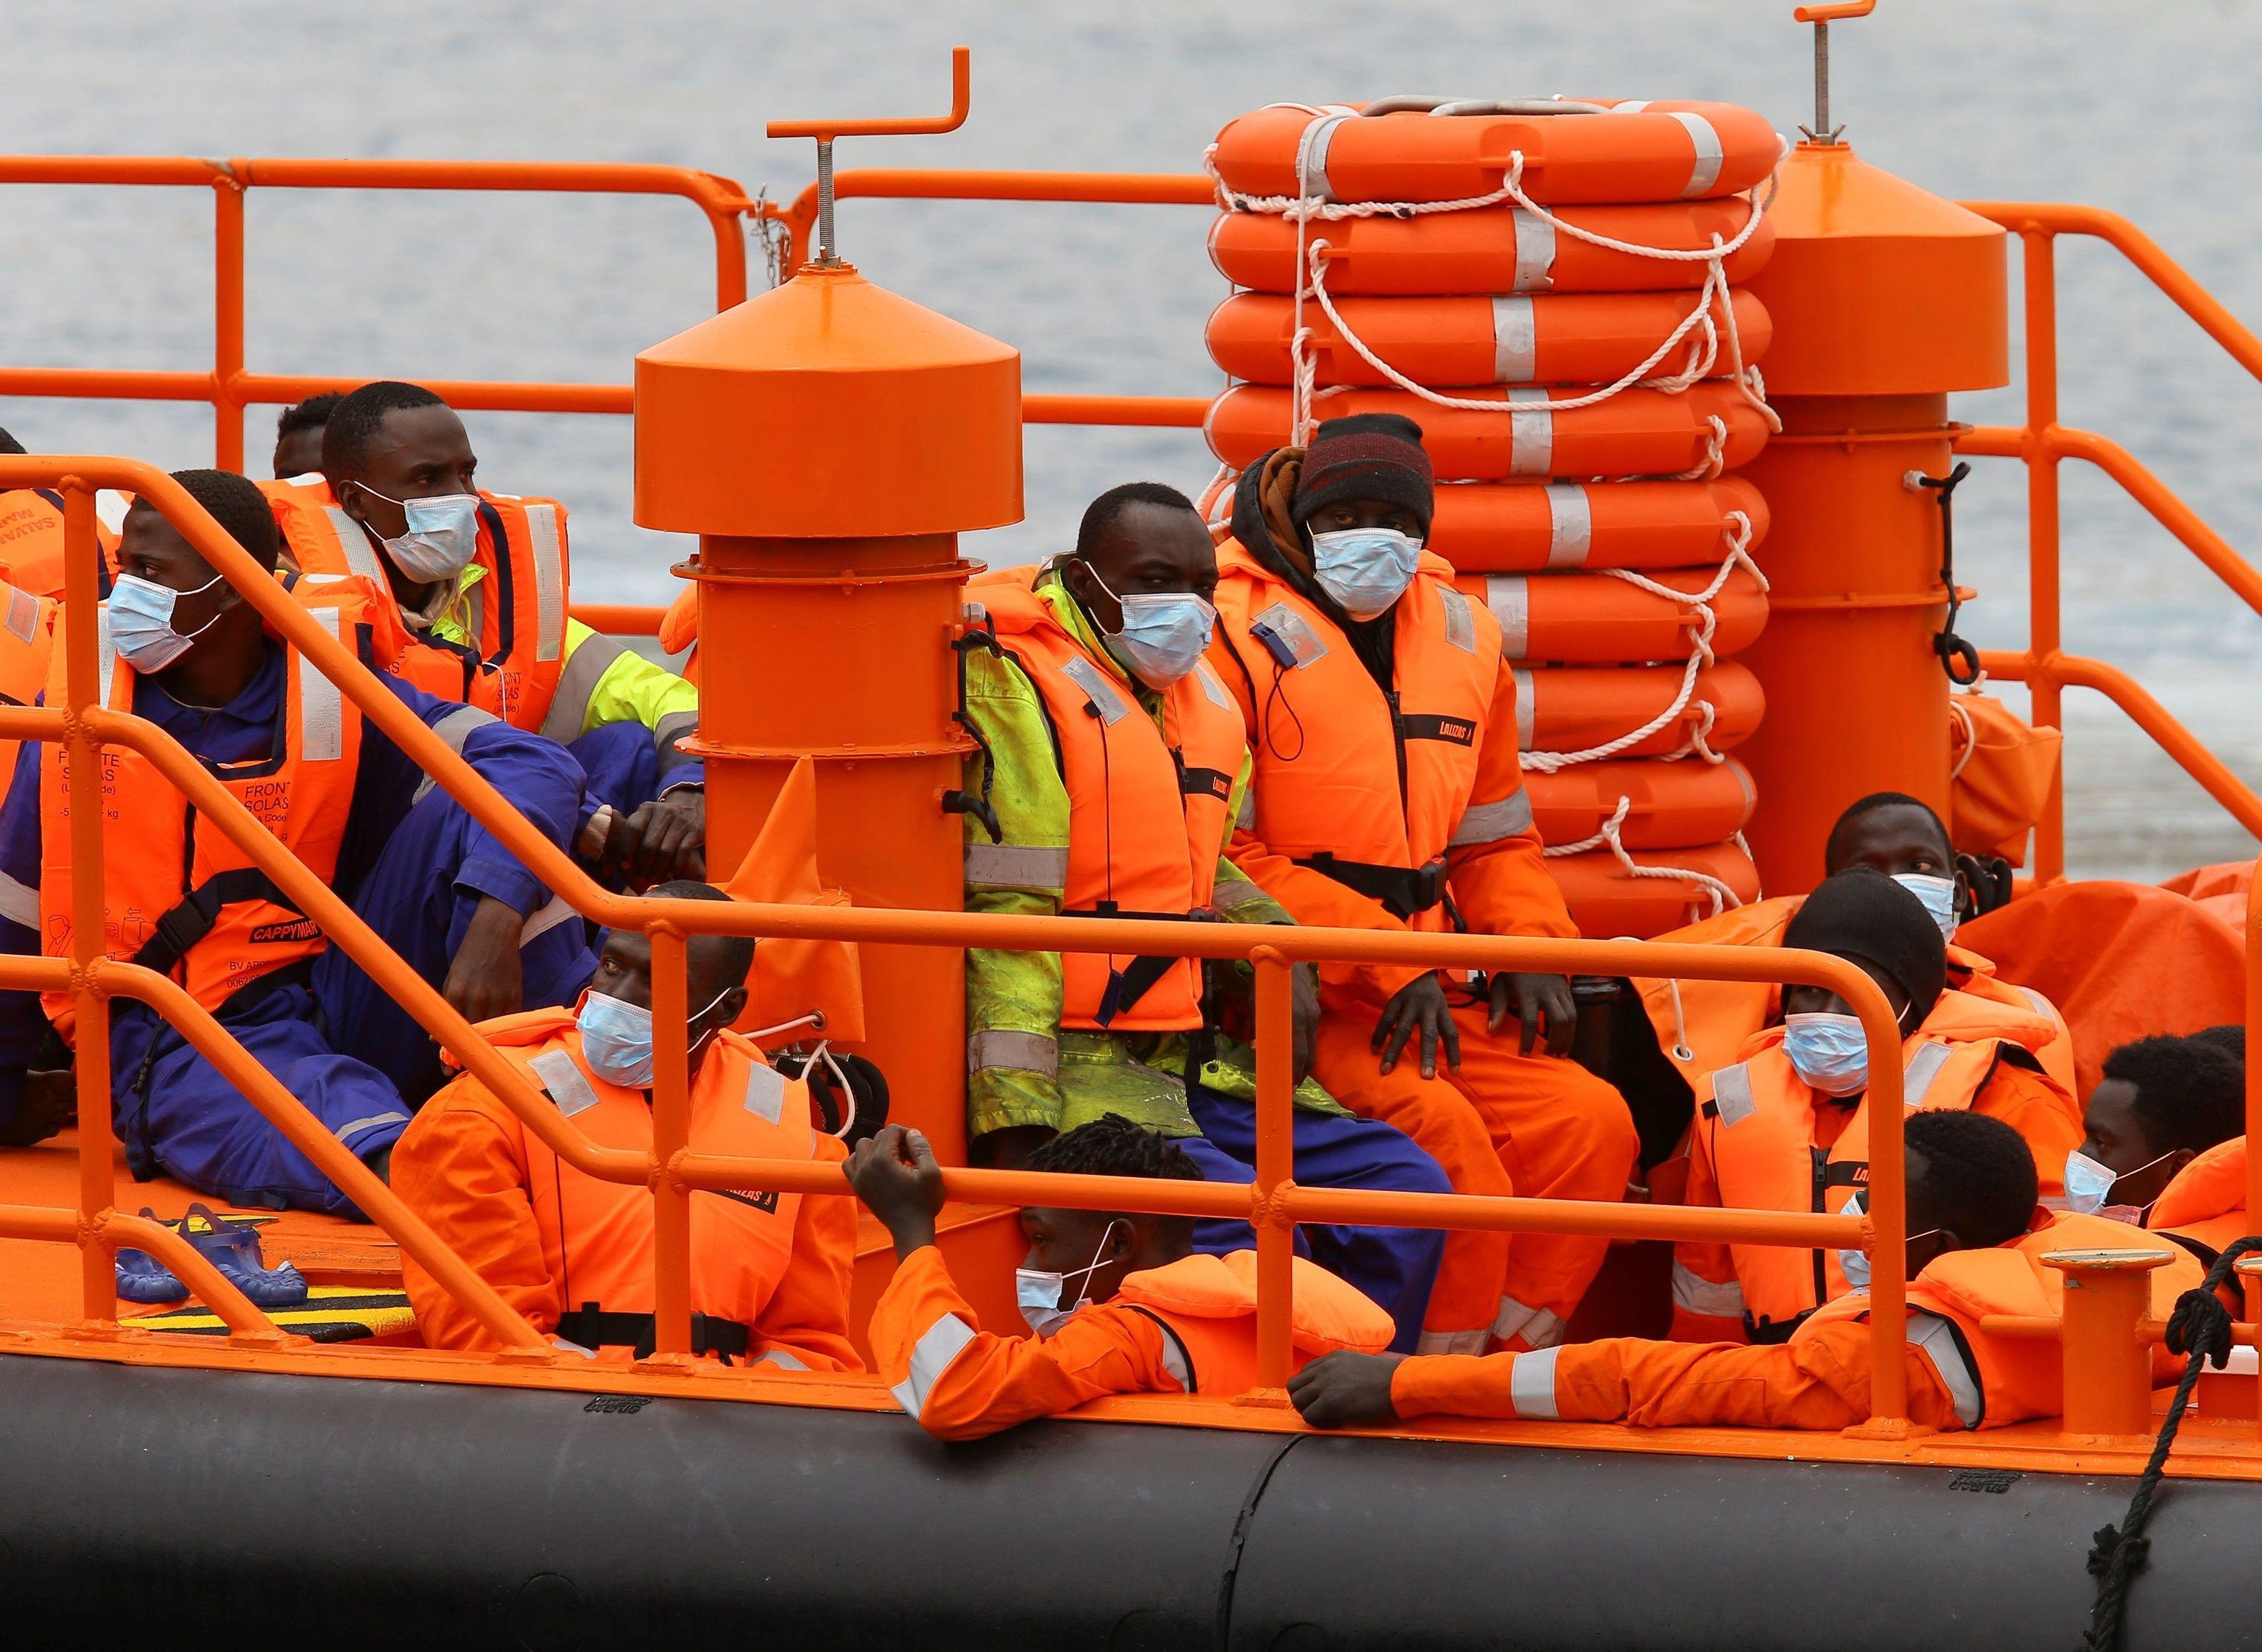 Una embarcación de Salvamento Marítimo ha trasladado este martes al puerto de Arguineguín (Gran Canaria) a los 25 inmigrantes de origen subsahariano, todos varones, rescatados de una  lt;HIT gt;patera lt;/HIT gt; el lunes por la noche por el carguero británico M/V Anvil Point a 426 kilómetros de las islas, al oeste de Dajla (Sahara).